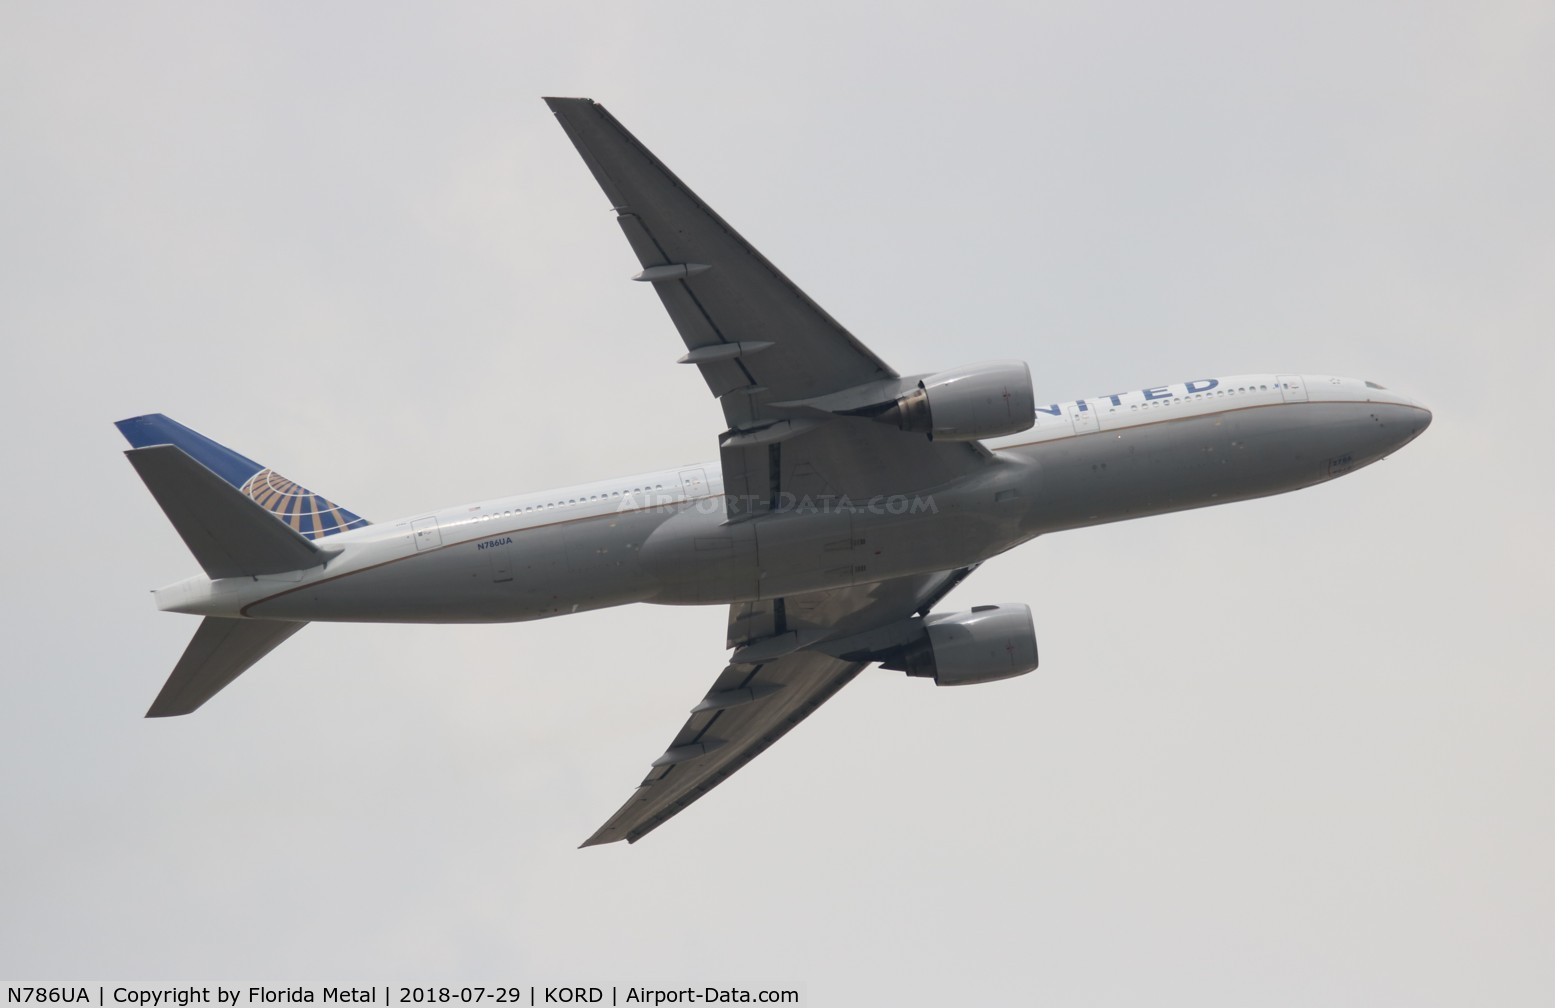 N786UA, 1997 Boeing 777-222 C/N 26938, United